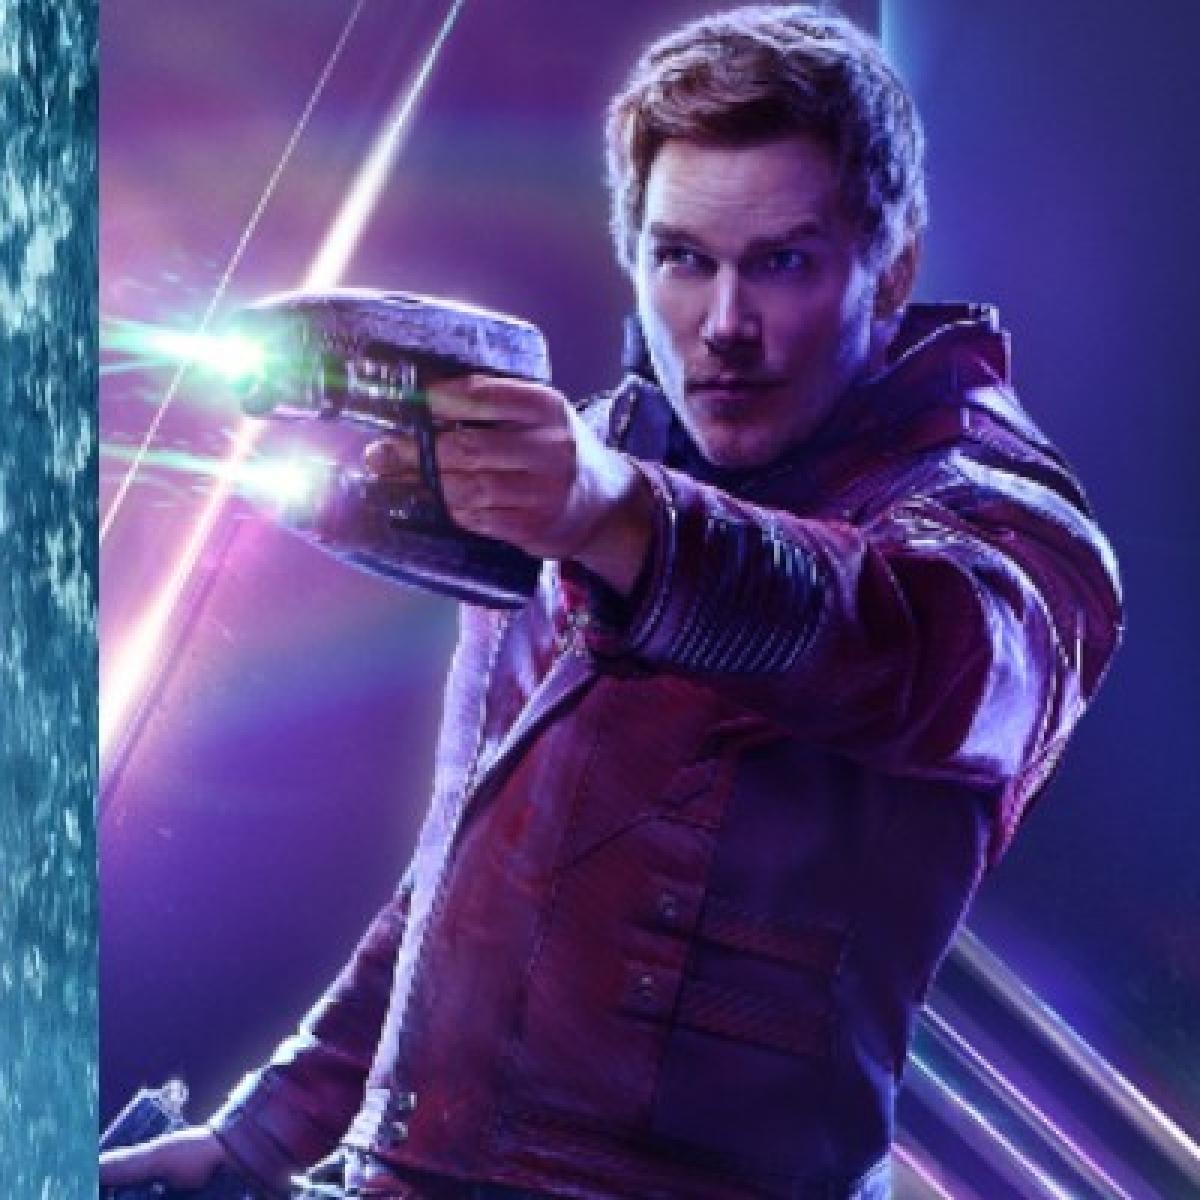 Aquaman v/s Star-Lord: Jason Momoa slams Chris Pratt for using plastic water bottle